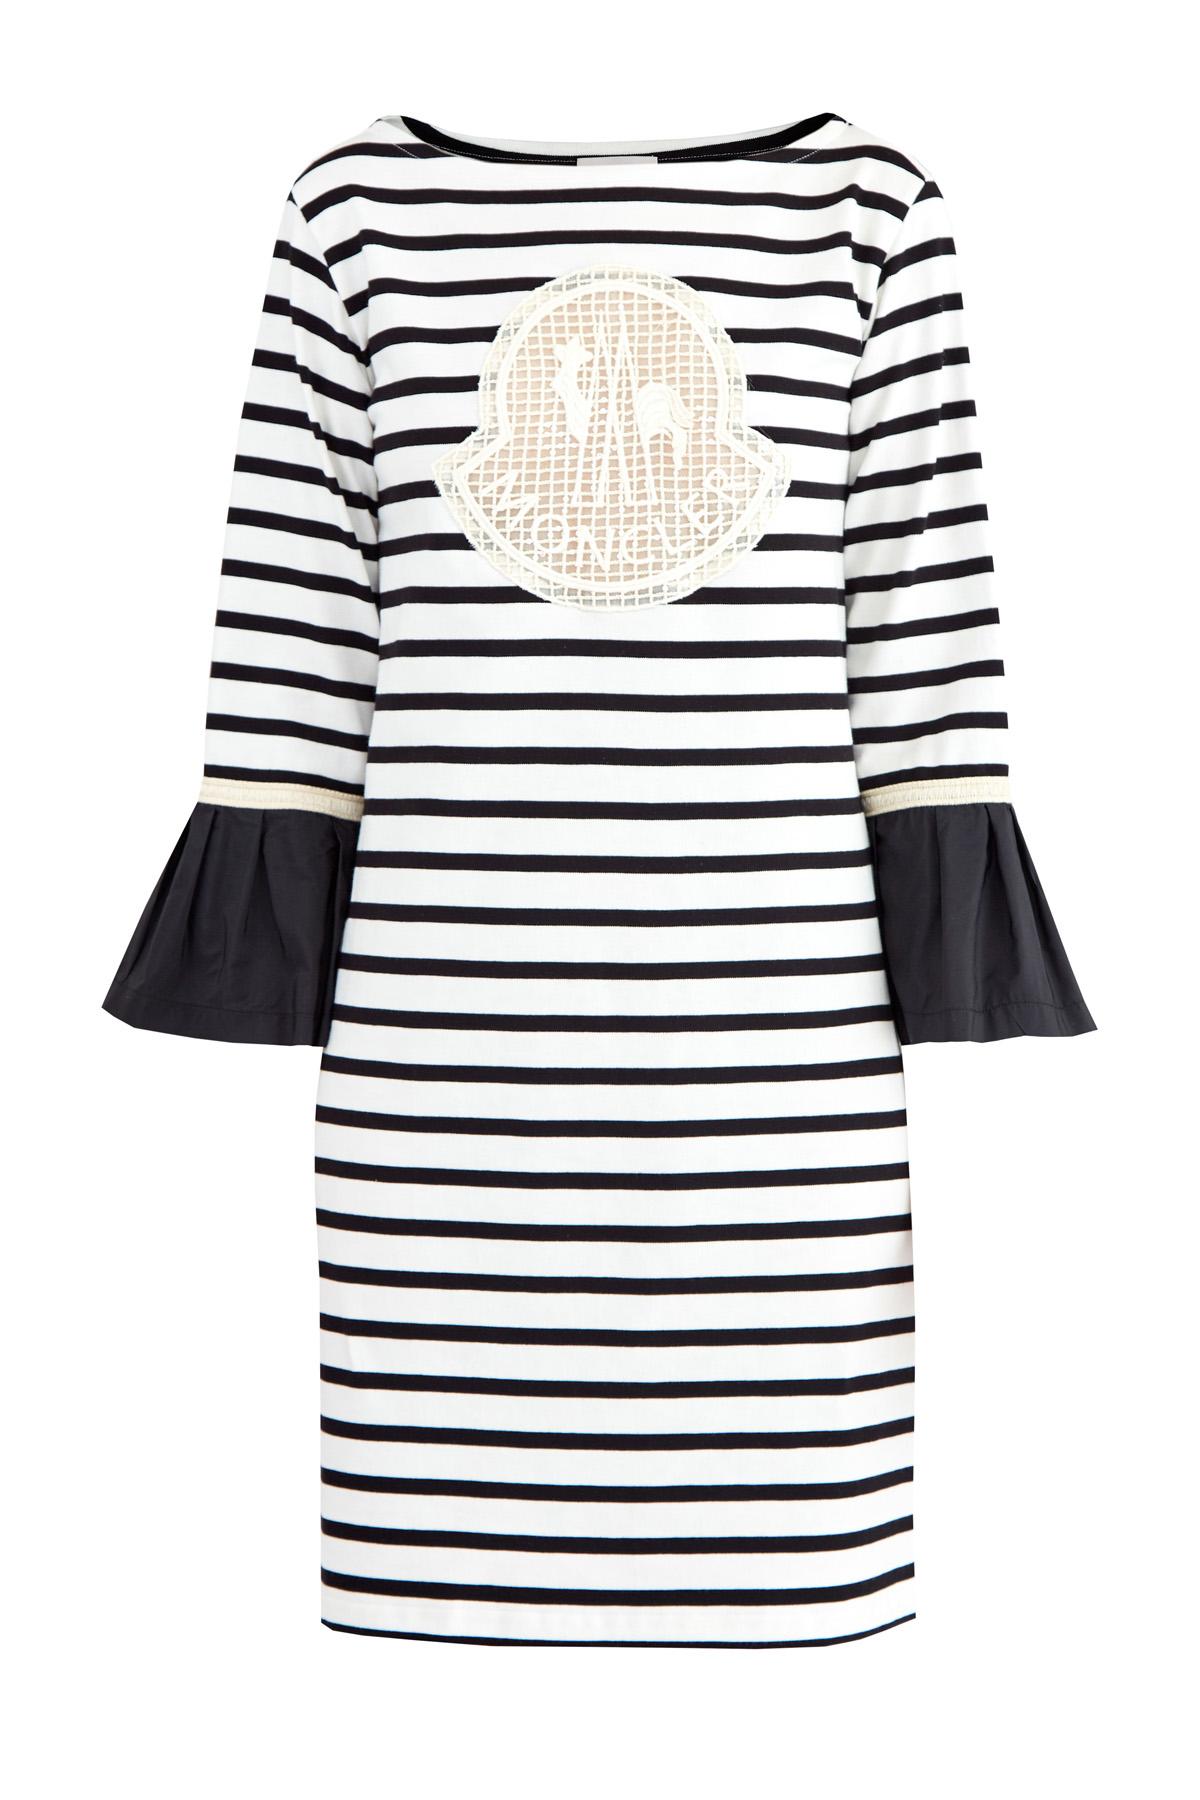 Купить со скидкой Платье из хлопка с воланами из тафты на рукавах и макро-логотипом